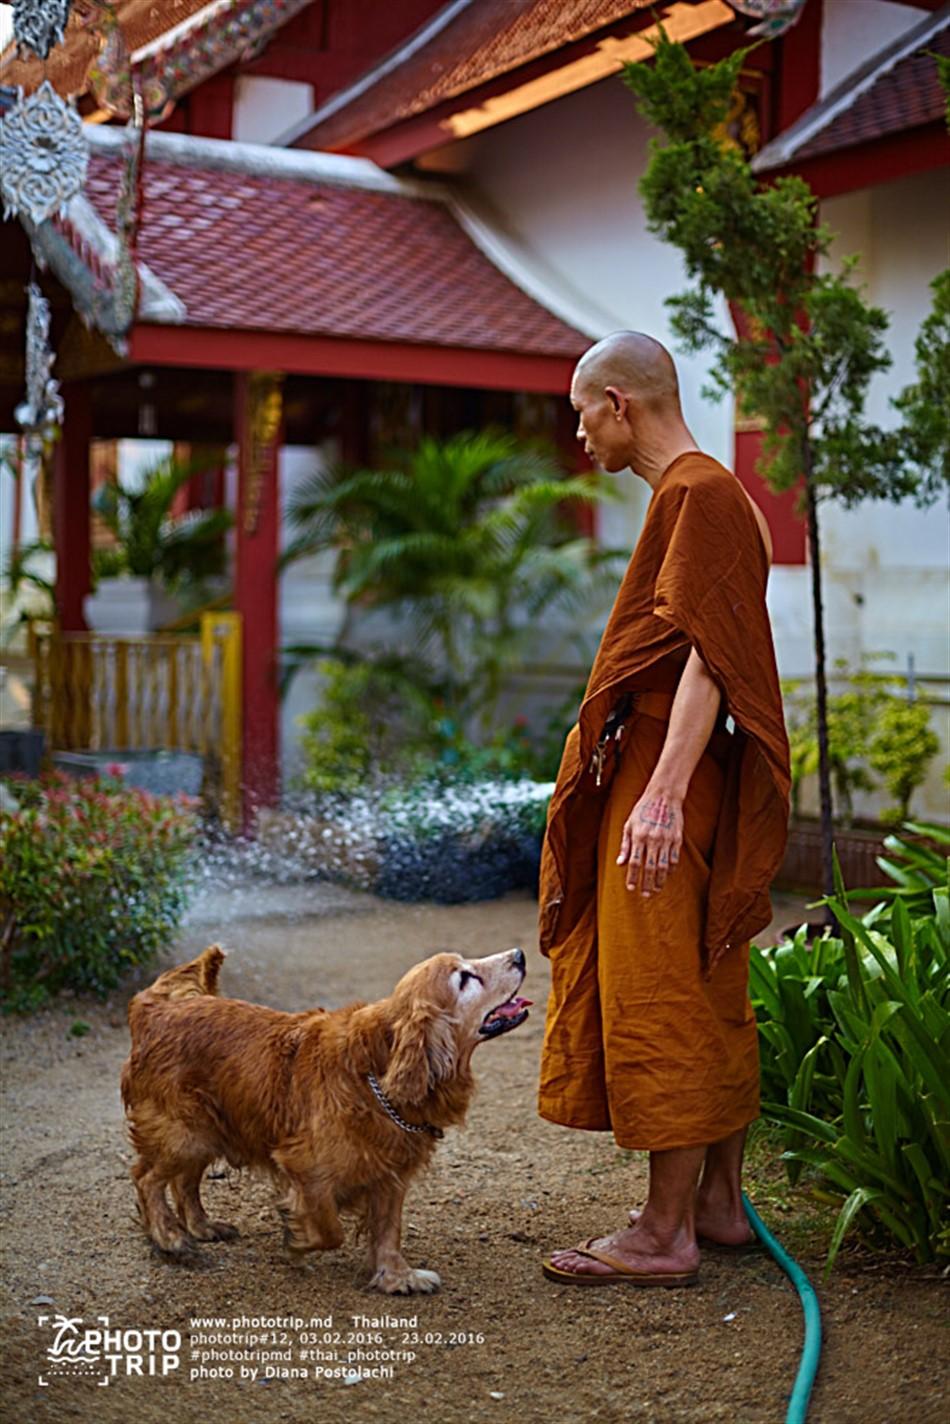 thailand2016_part3_048_950x1424